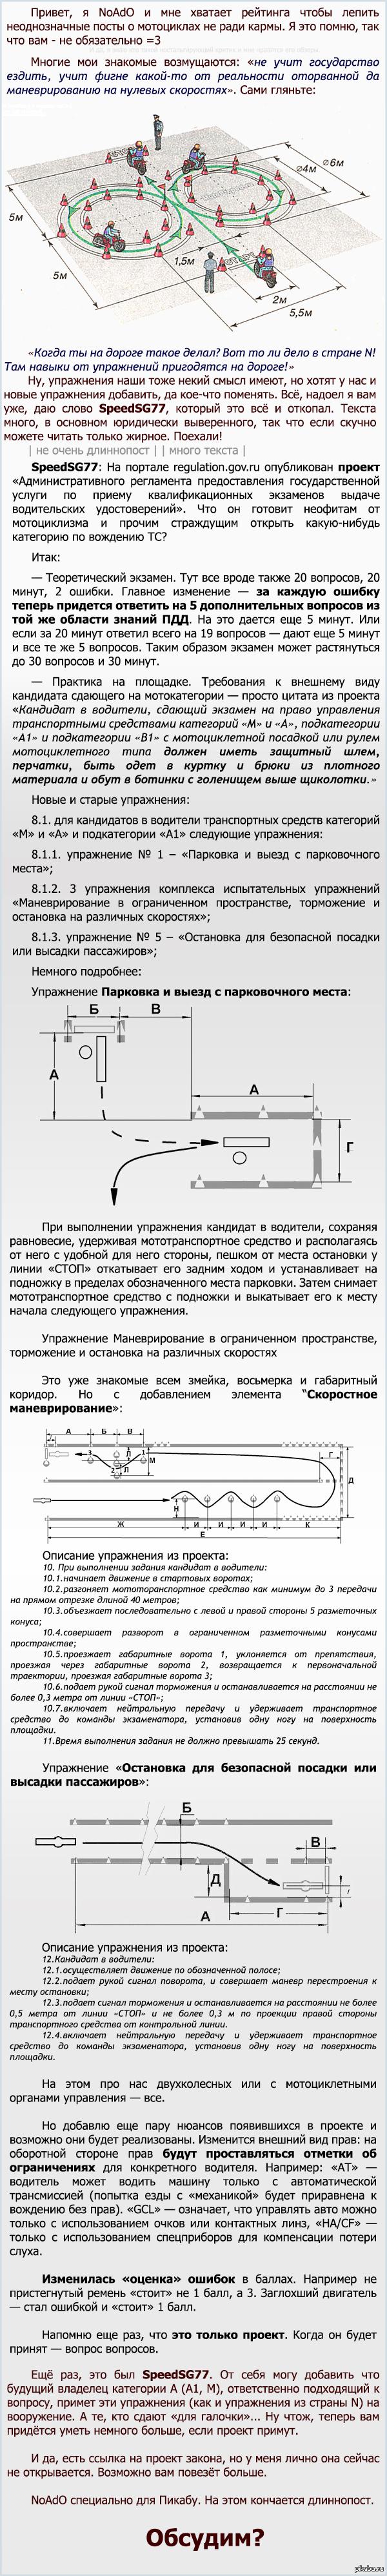 """Как будут принимать экзамены на """"А""""/""""А1"""" в РФ проект постановления"""